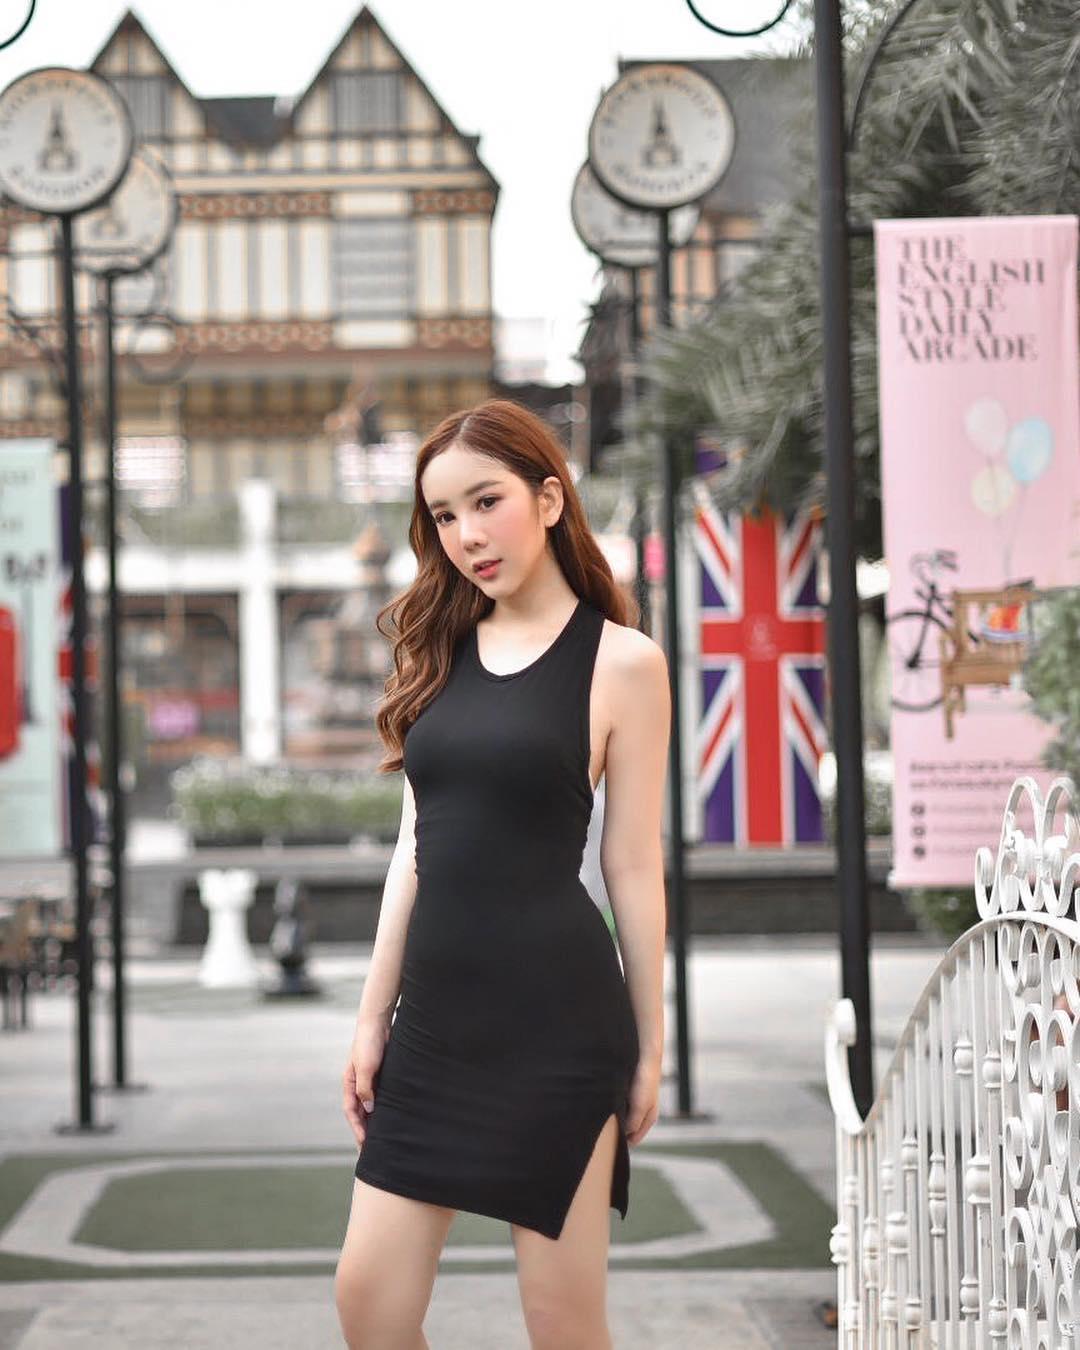 mỹ nahn6 chuyển giới - frame diện váy đen dạo phố